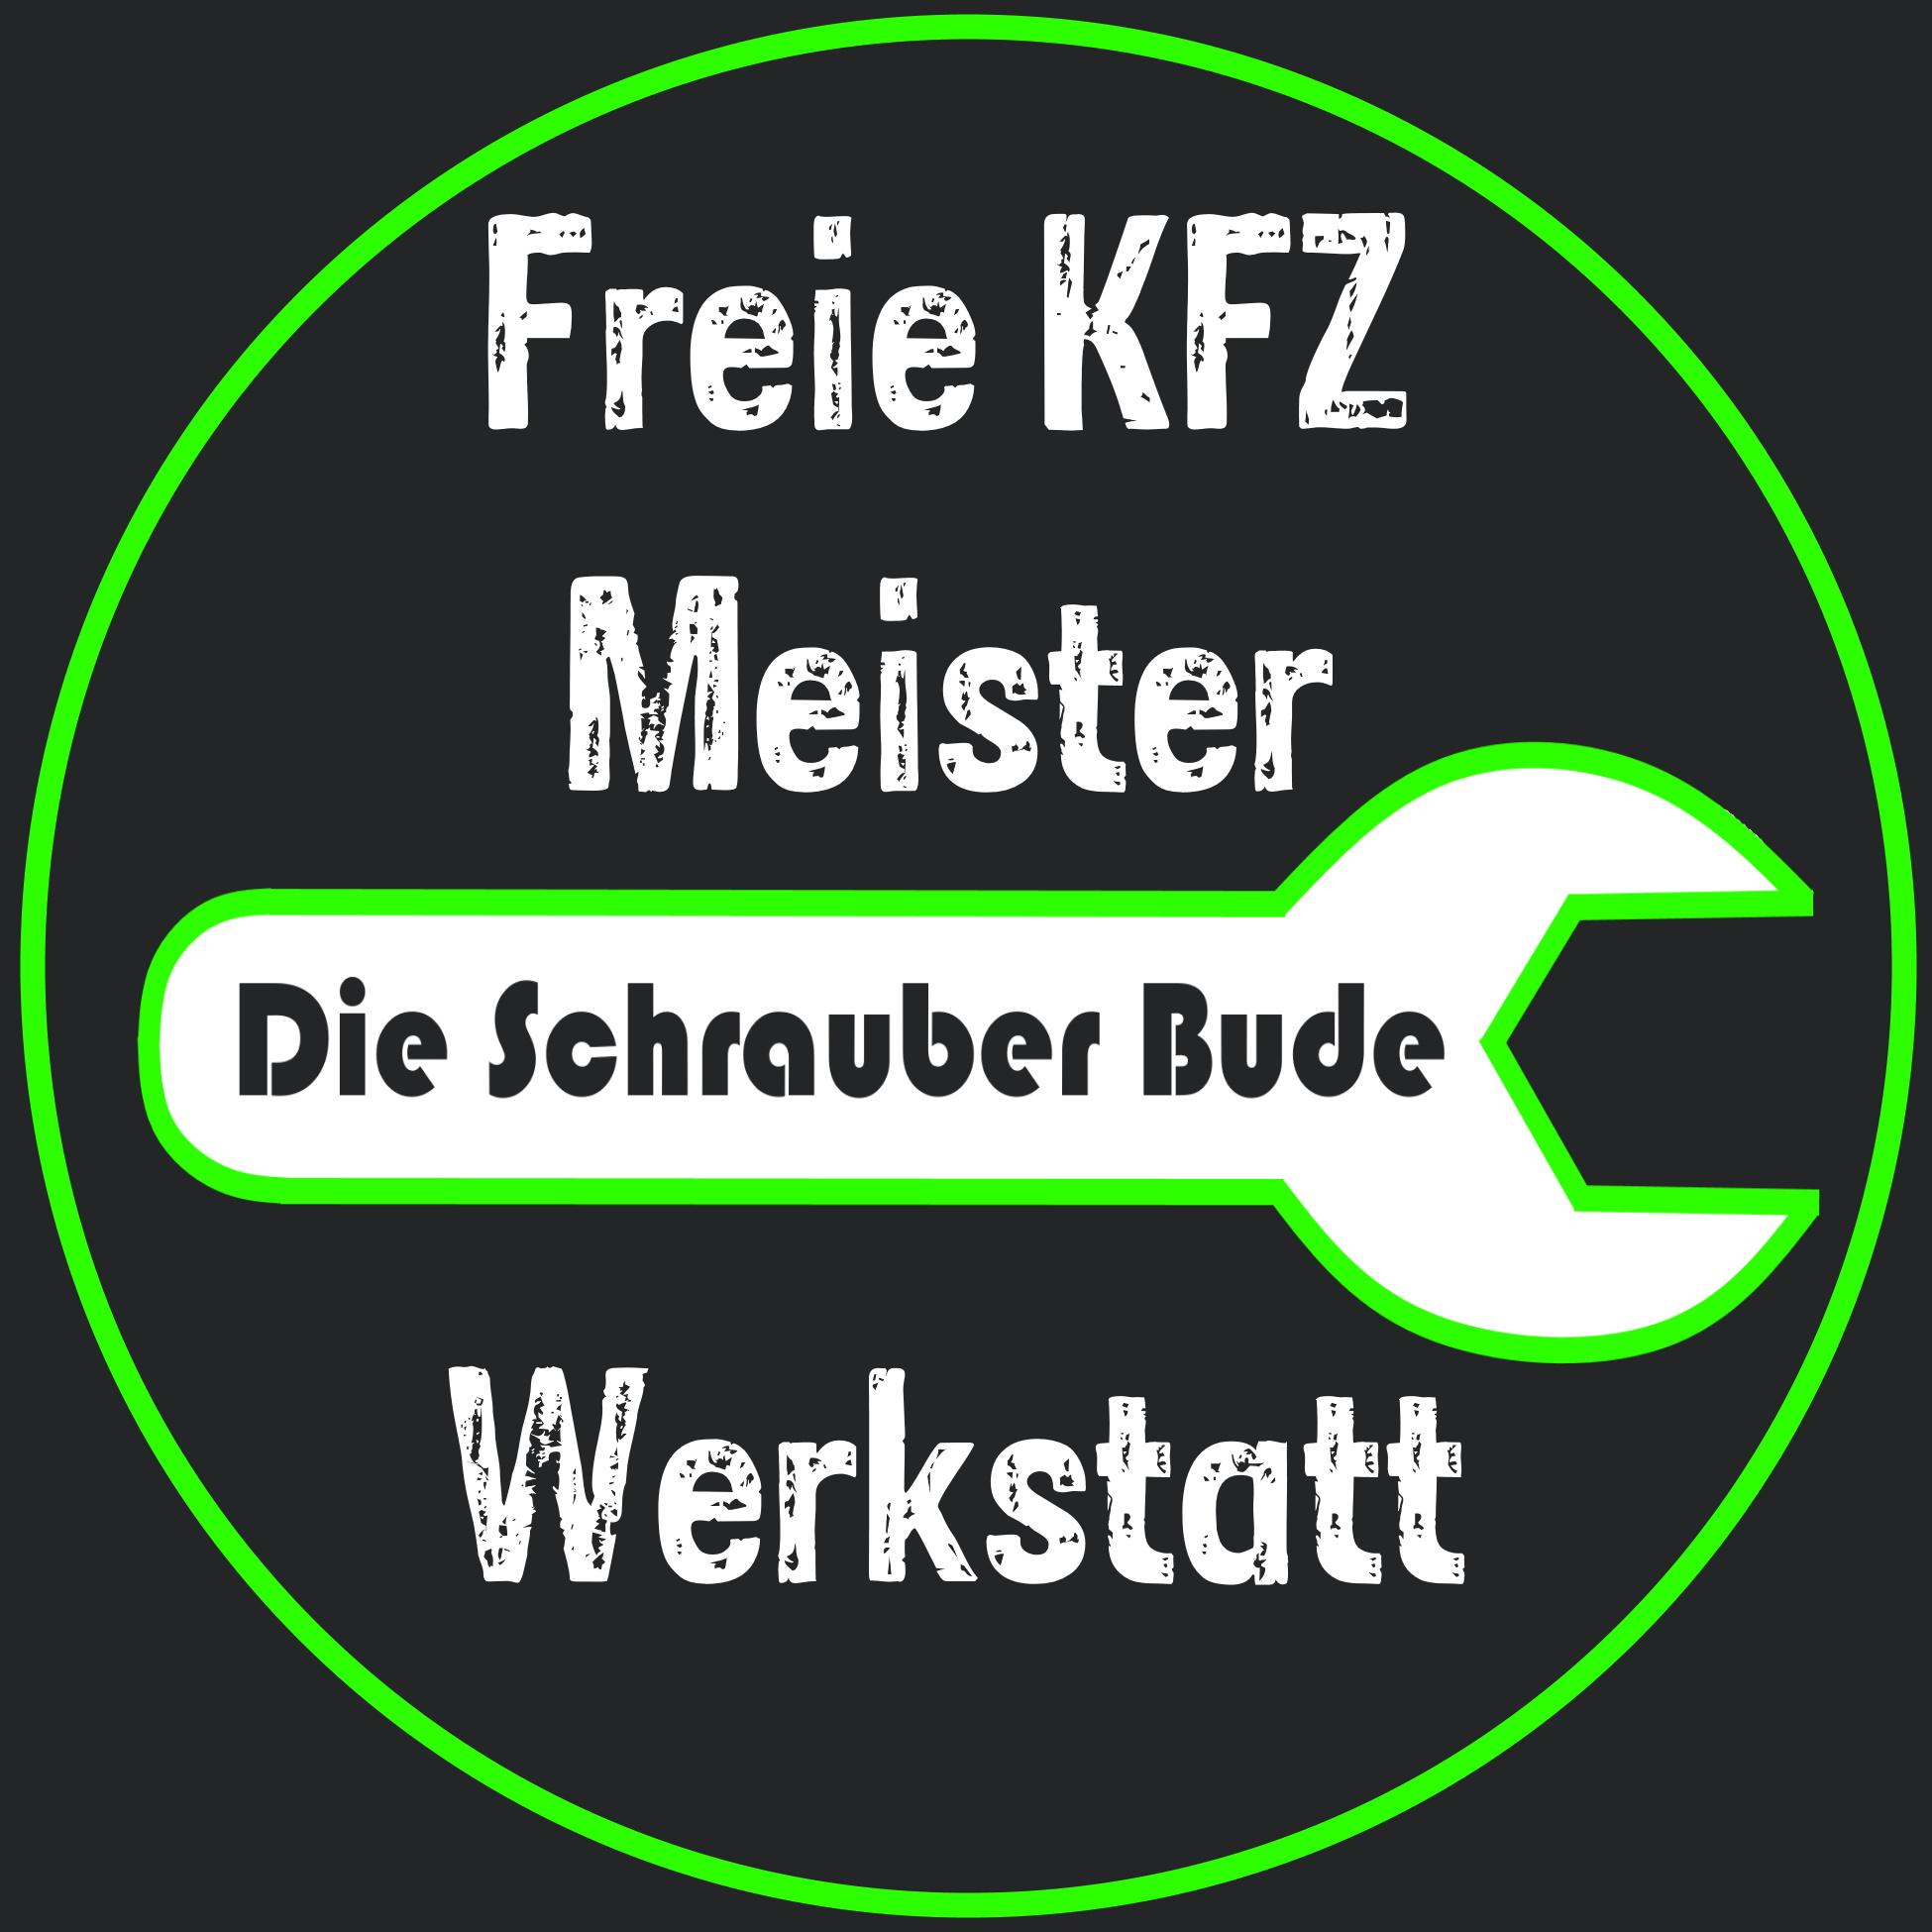 Logo von Die Schrauber Bude